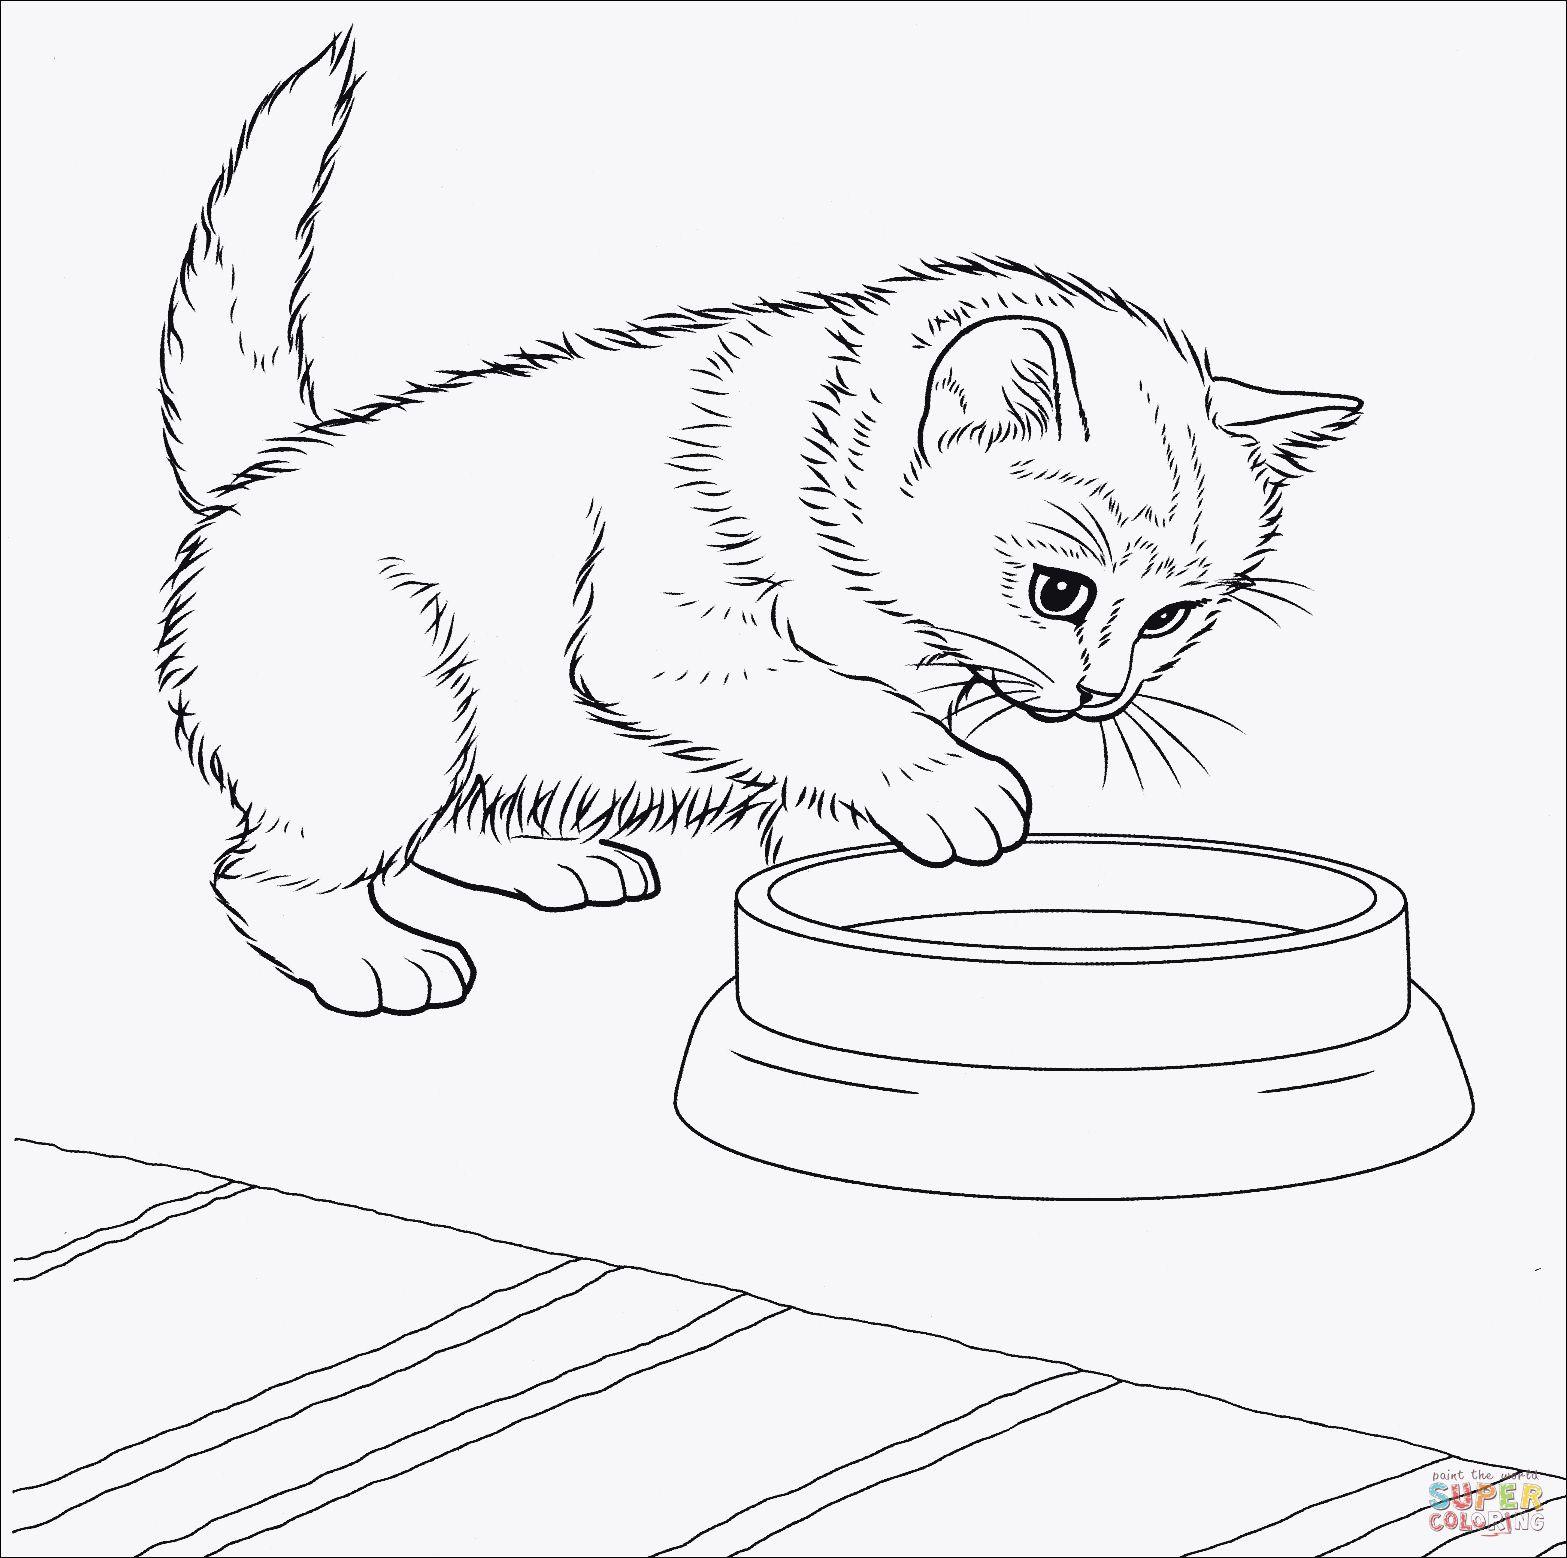 Ausmalbilder Hund Und Katze Genial Garten Tiere Wimmelbild … Dot to Dots Pinterest Schön Ausmalbilder Bilder